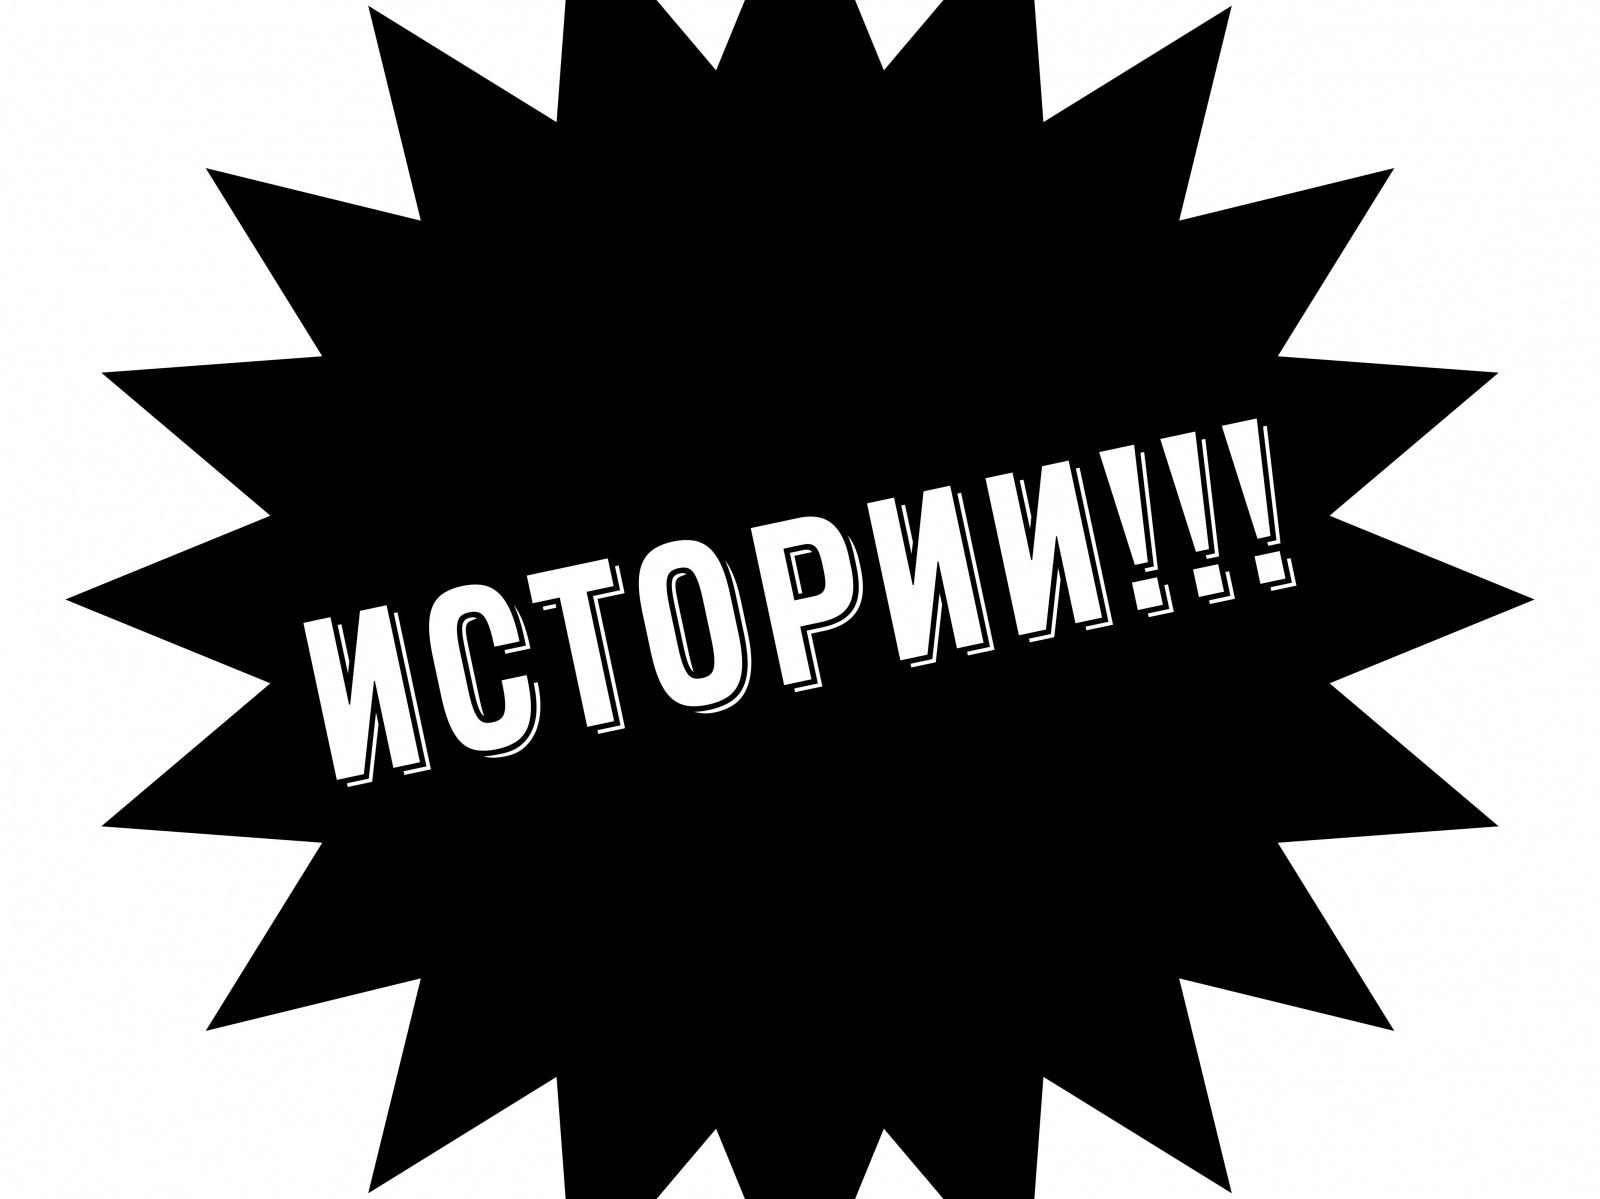 Алексей Каптерев: Критическое мышление 101 (часть 2) - 5